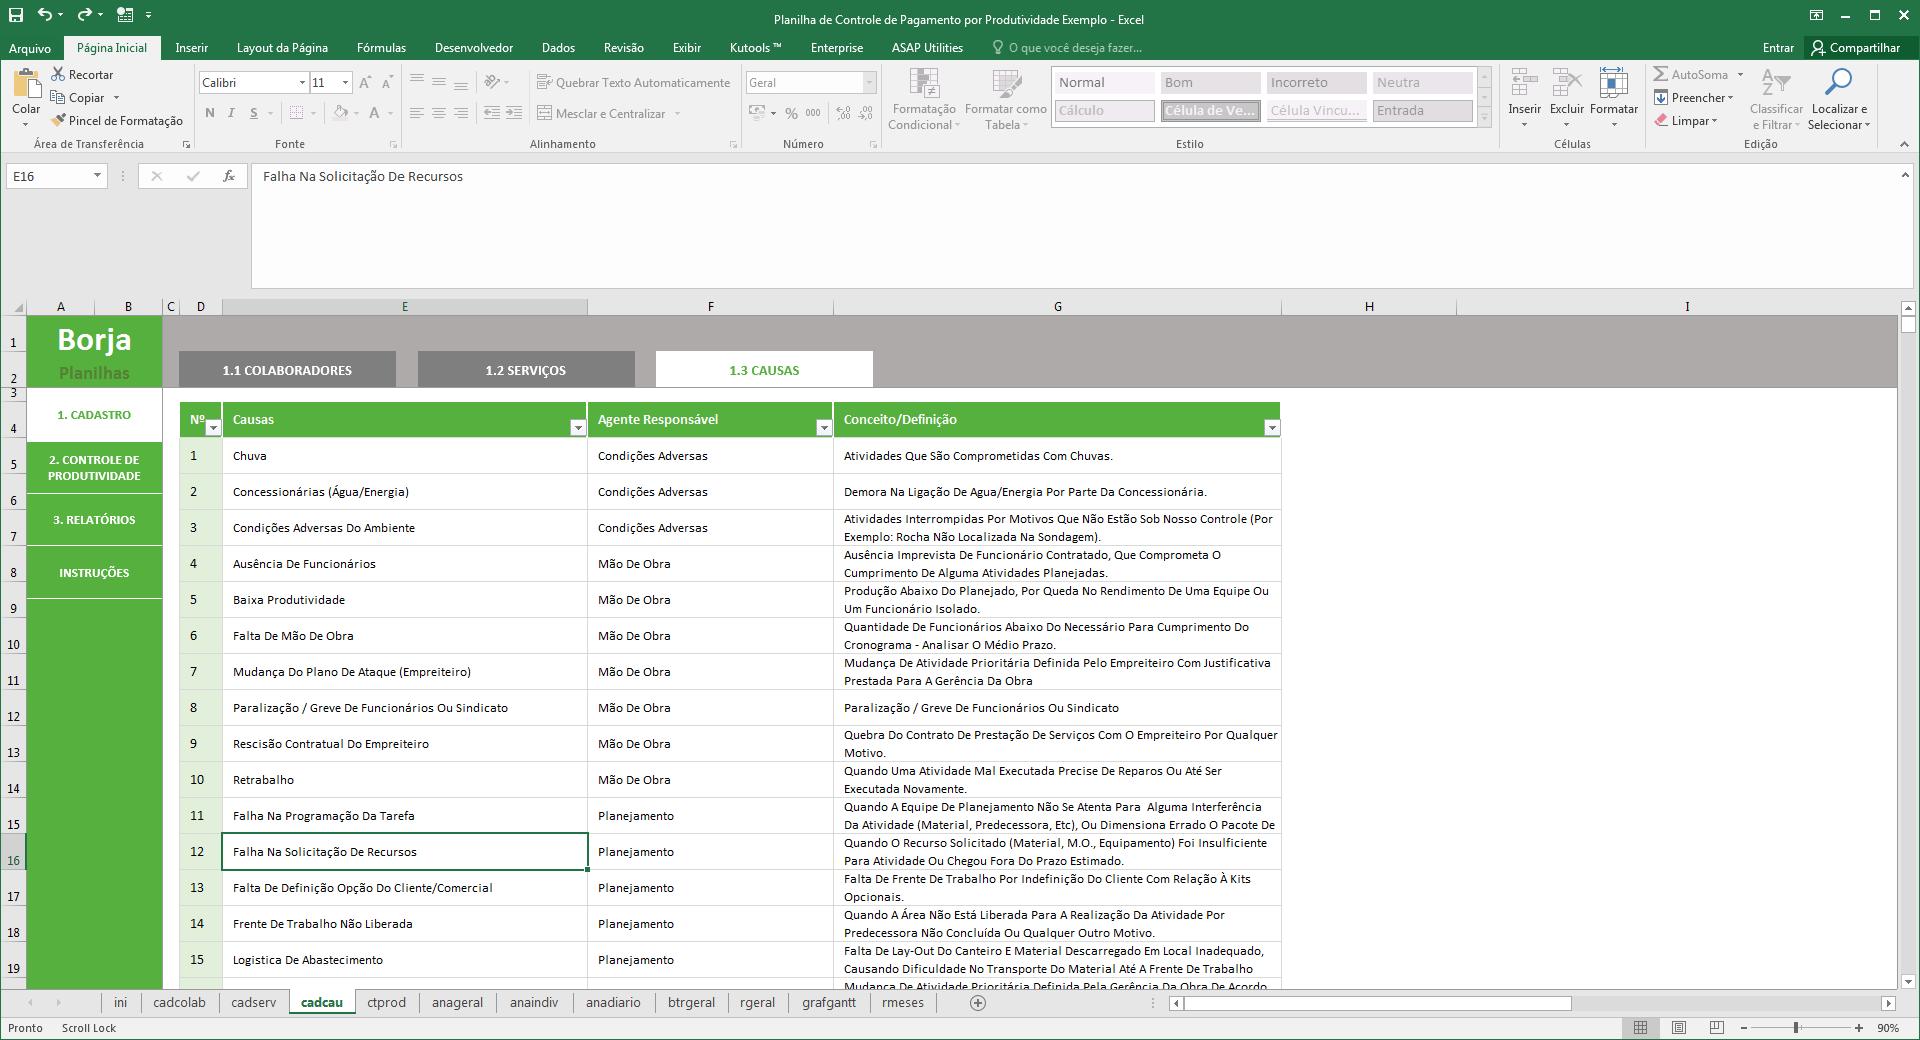 Planilha de Controle de Pagamentos por Produtividade - Cadastro de causas